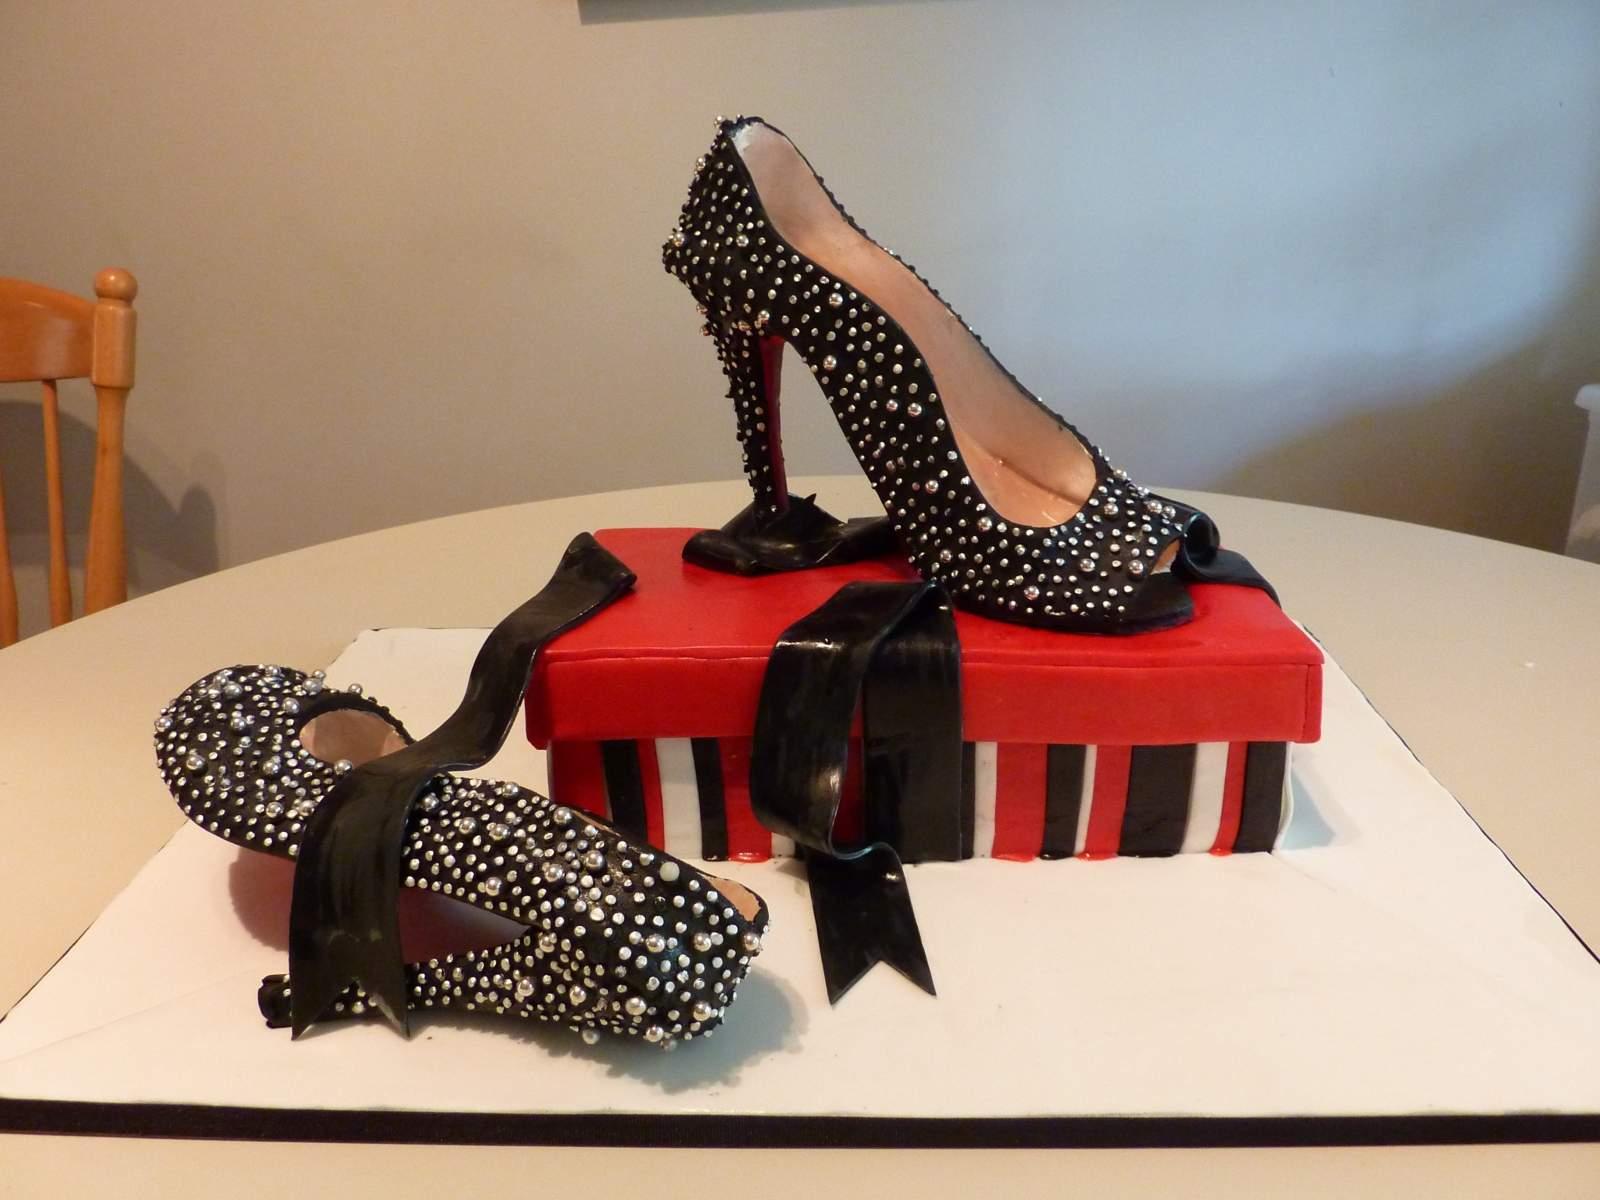 christian-louboutin-shoe-cake-2.